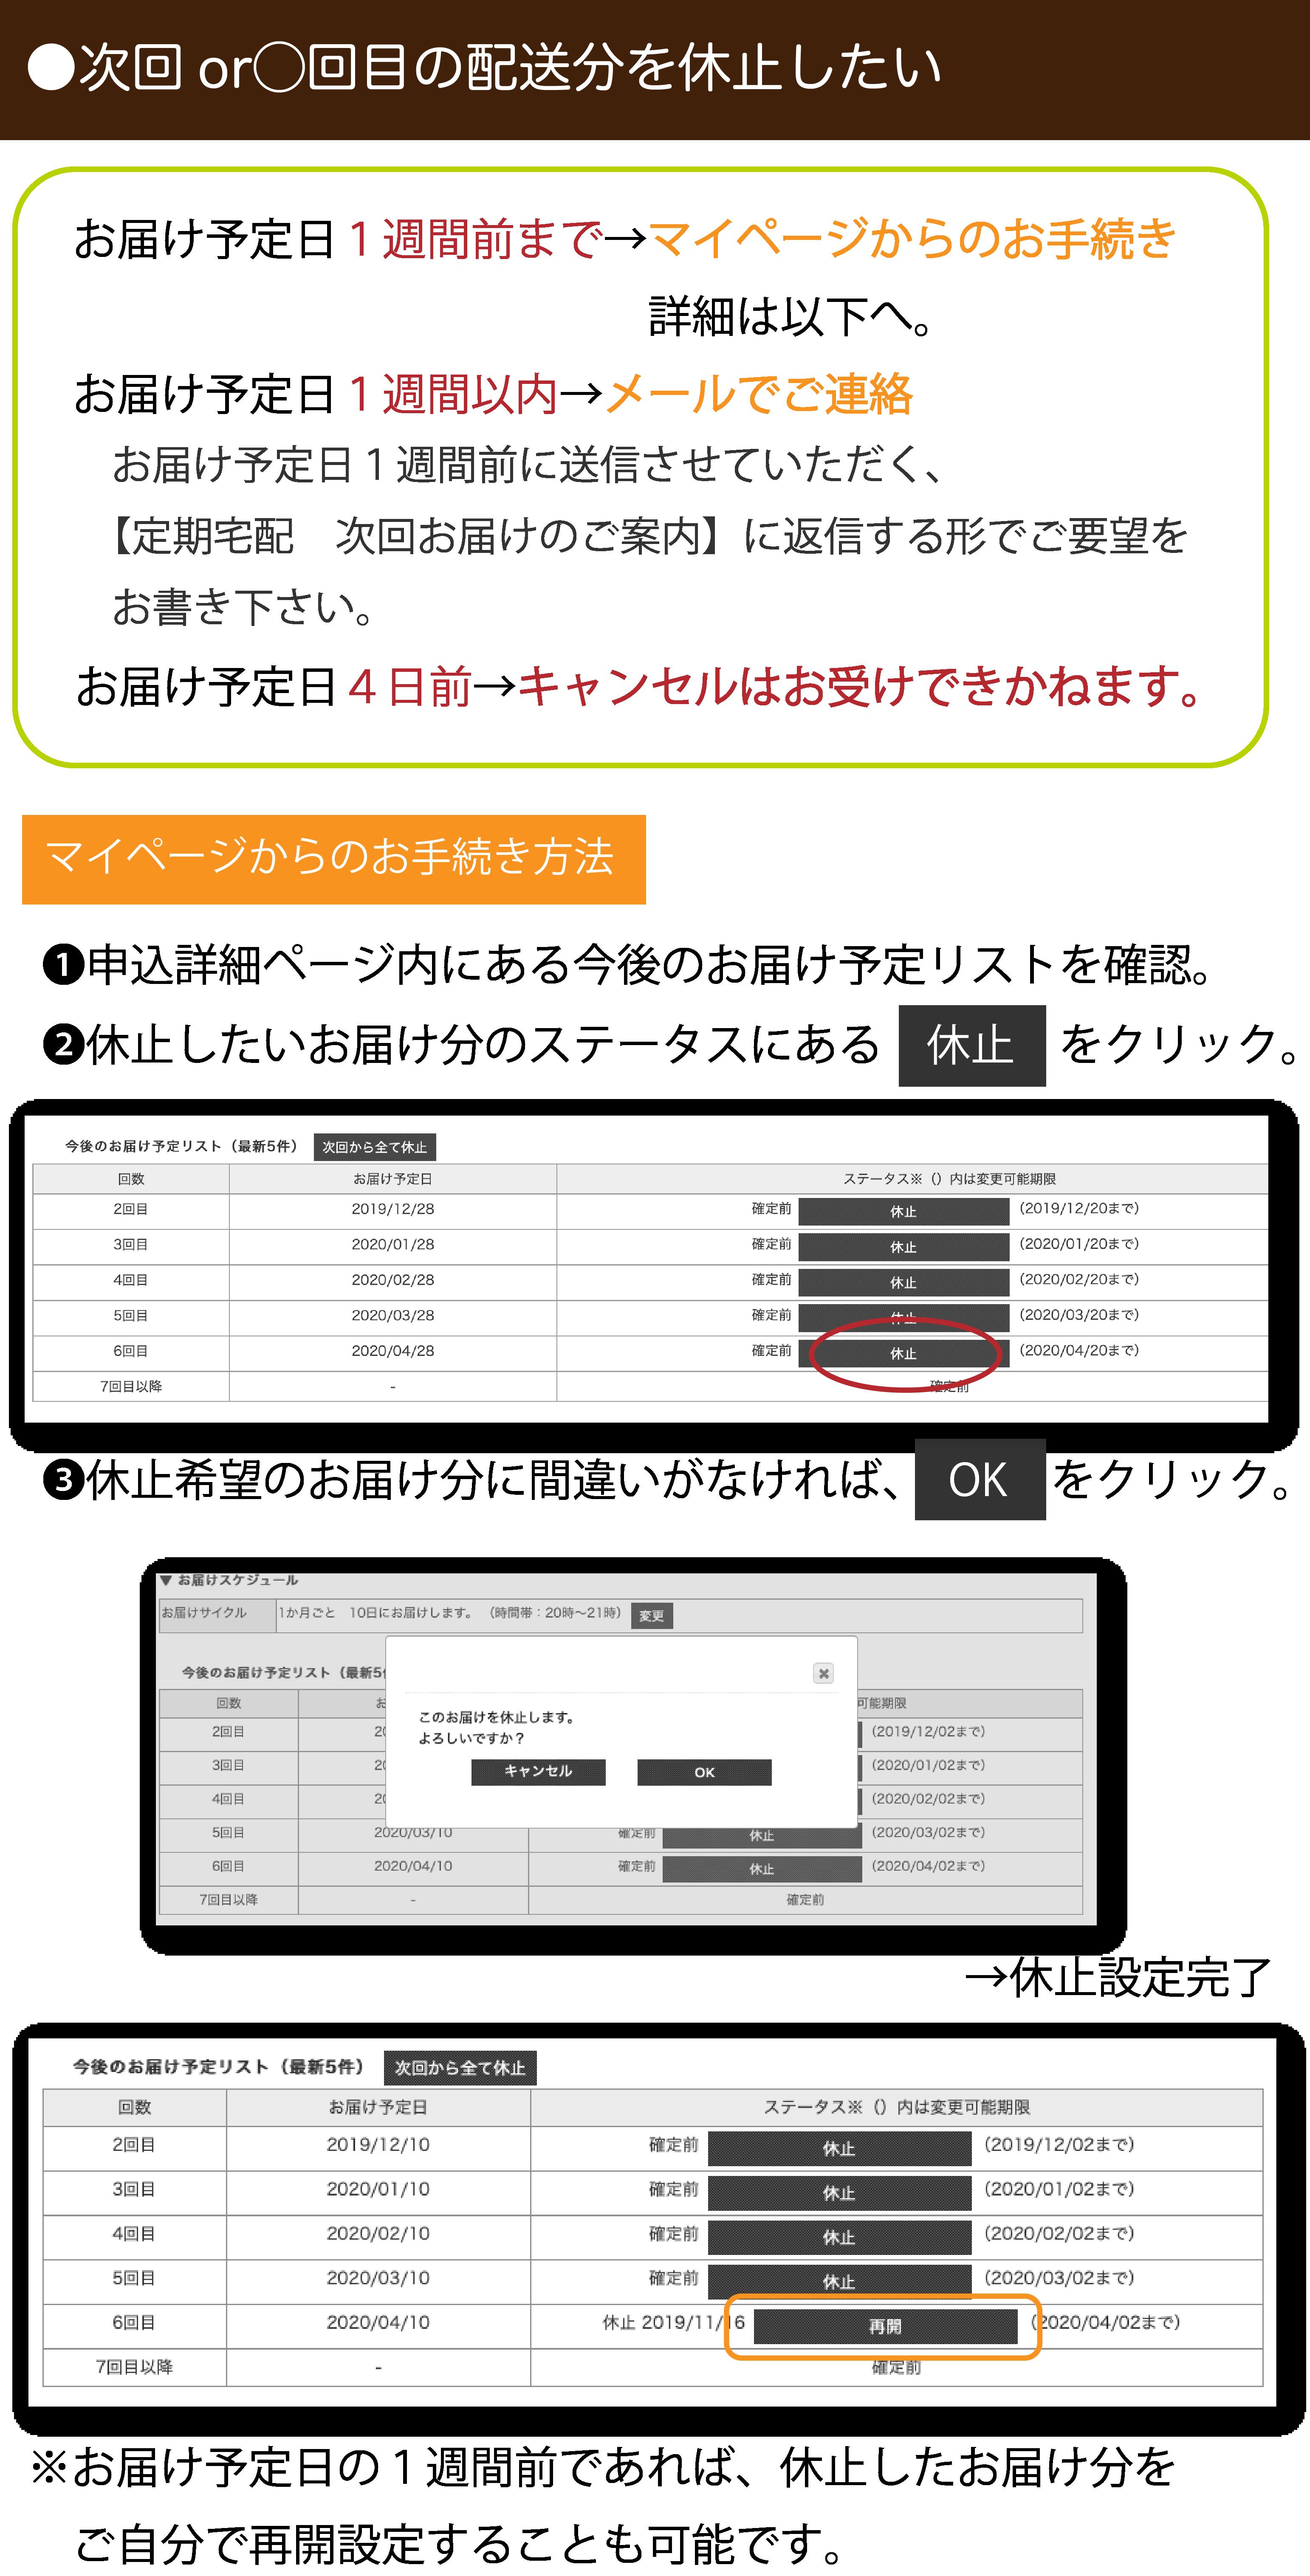 マイページ操作方法3